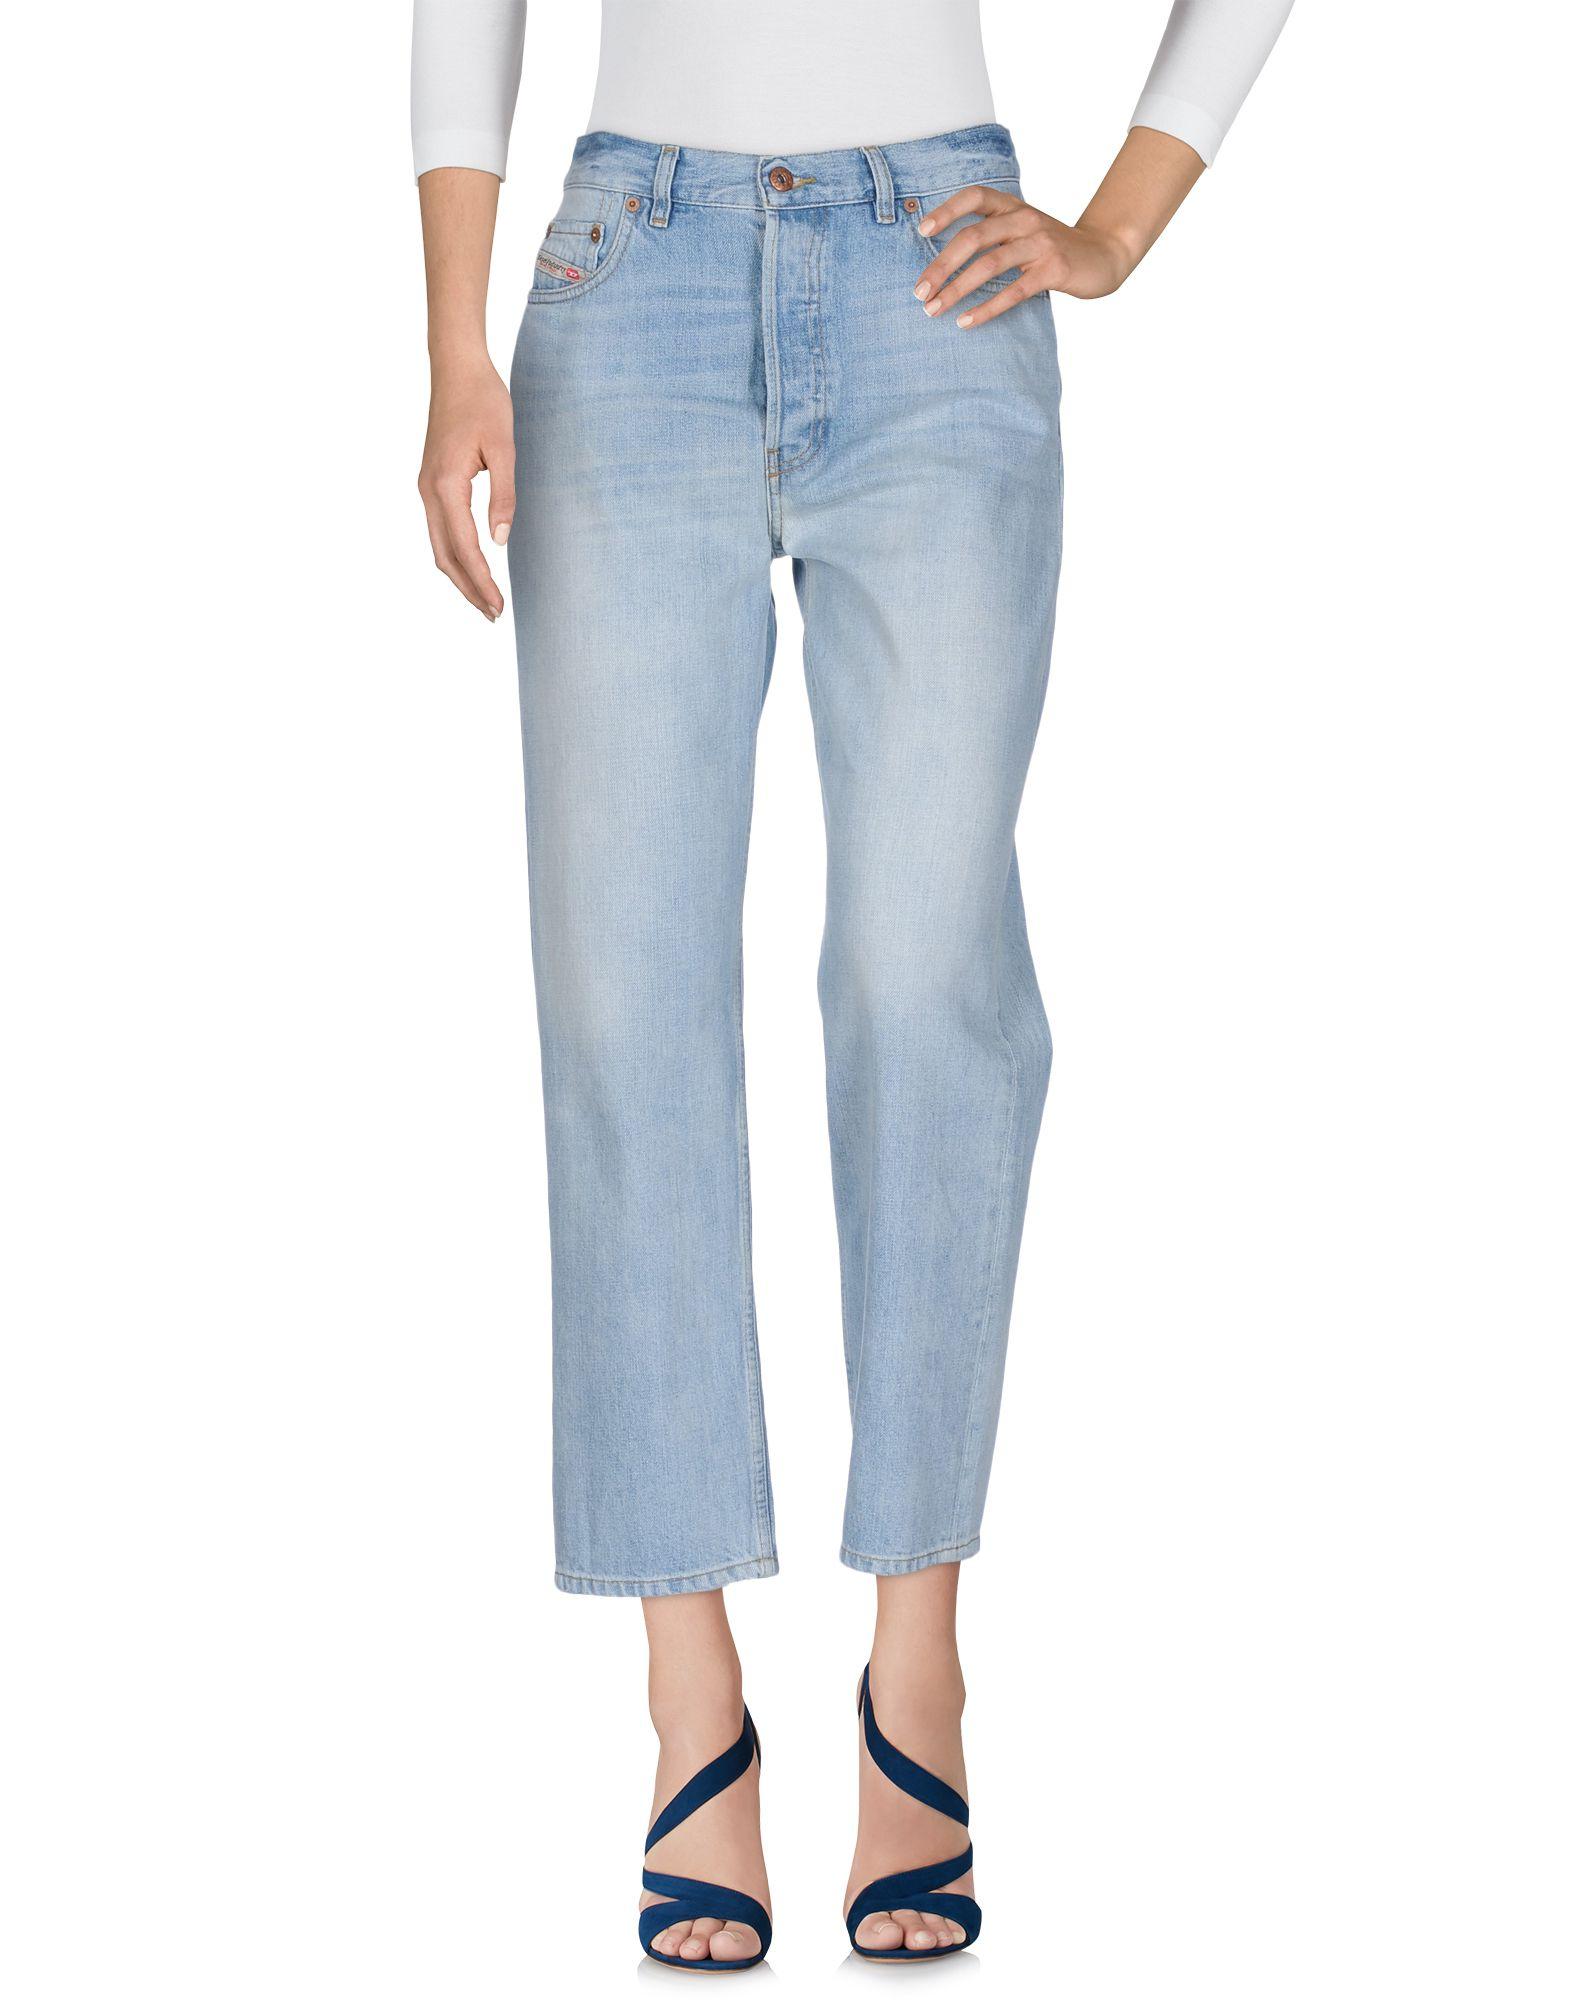 DIESEL Damen Jeanshose Farbe Blau Größe 6 - broschei